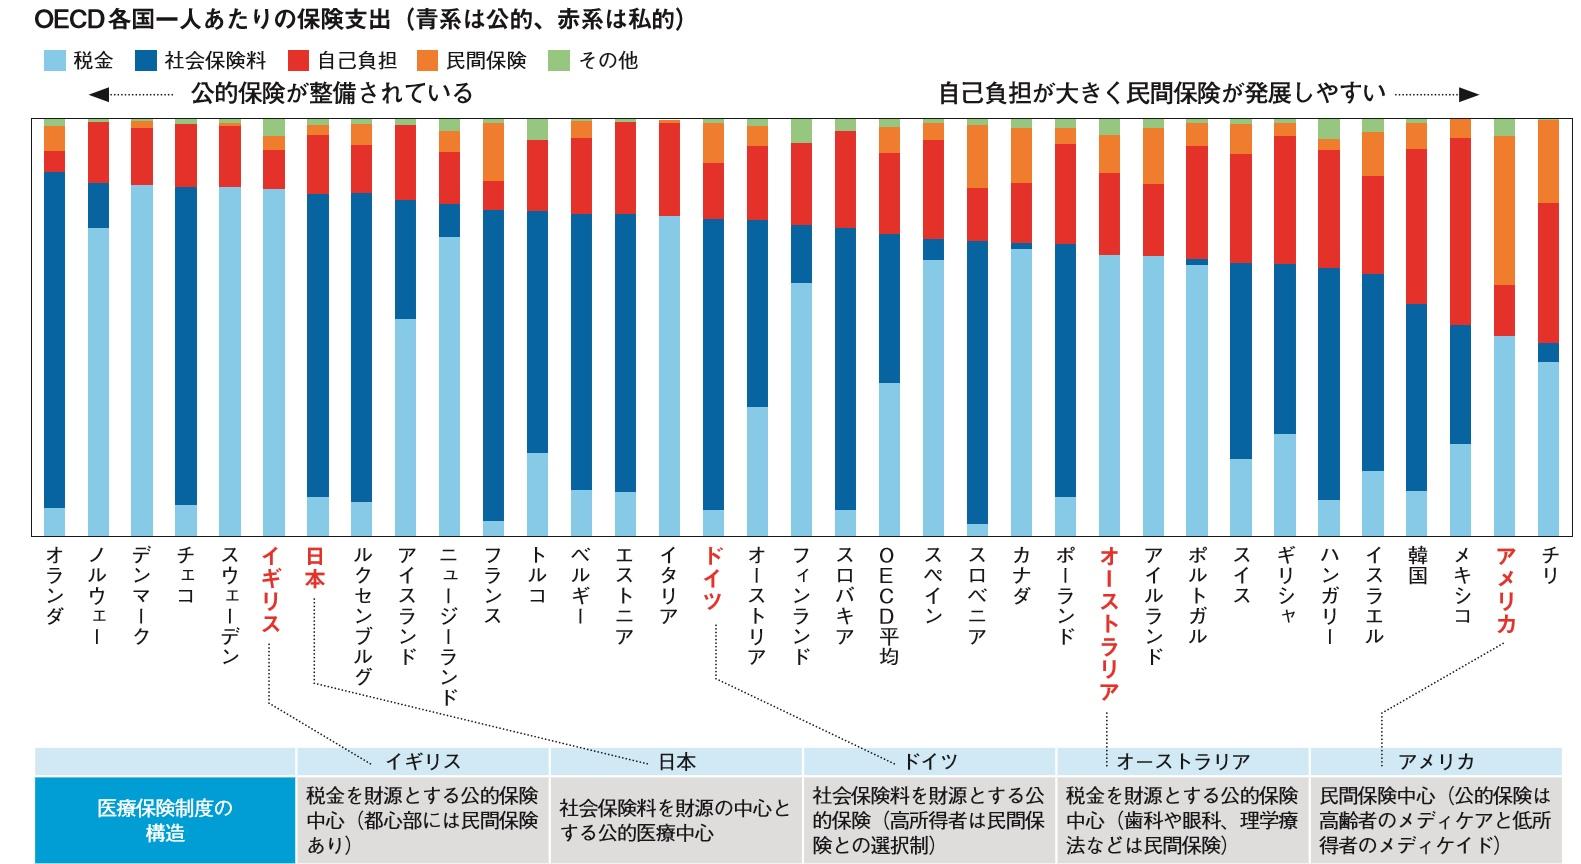 12%e6%9c%88%e7%89%b9%e9%9b%86%e2%91%ae